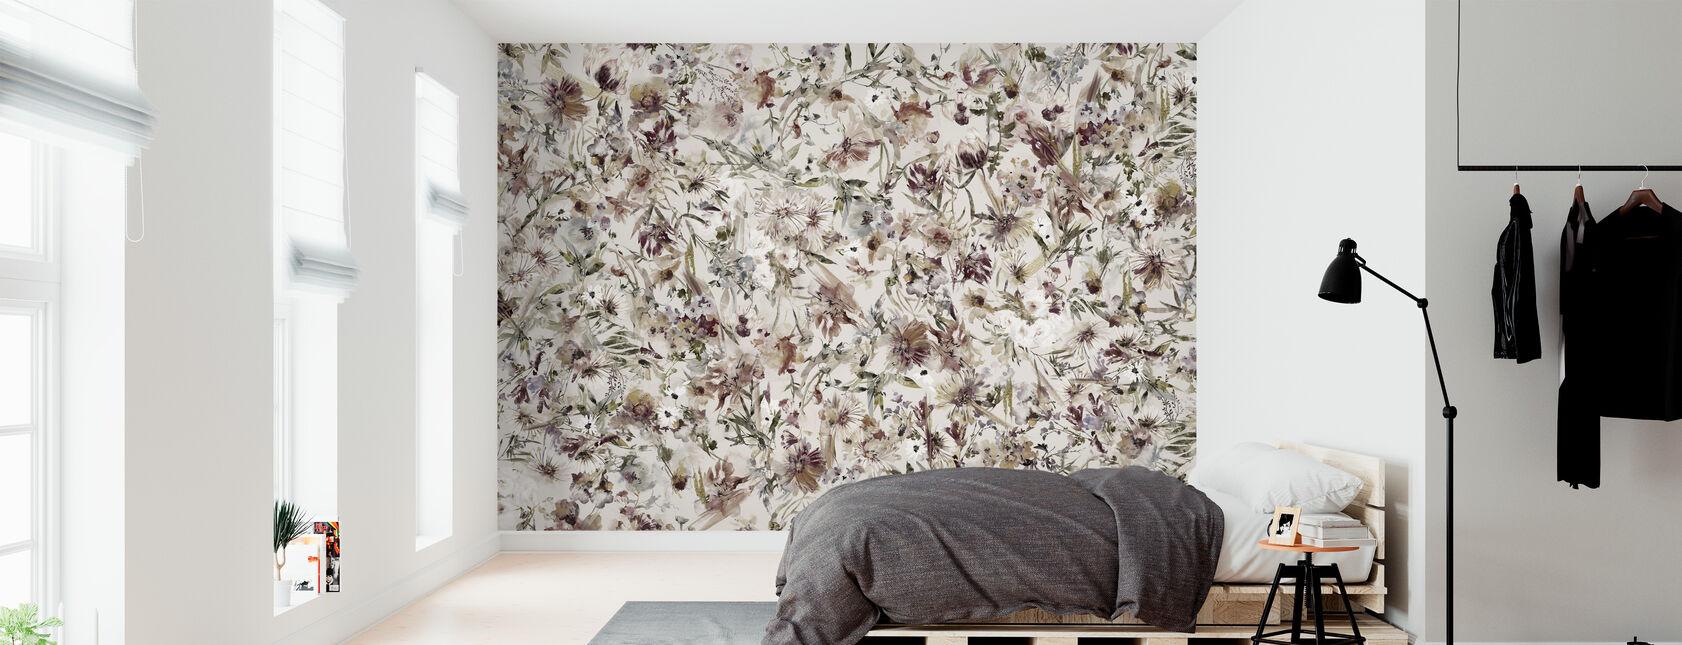 Blossom bohemio - Papel pintado - Dormitorio